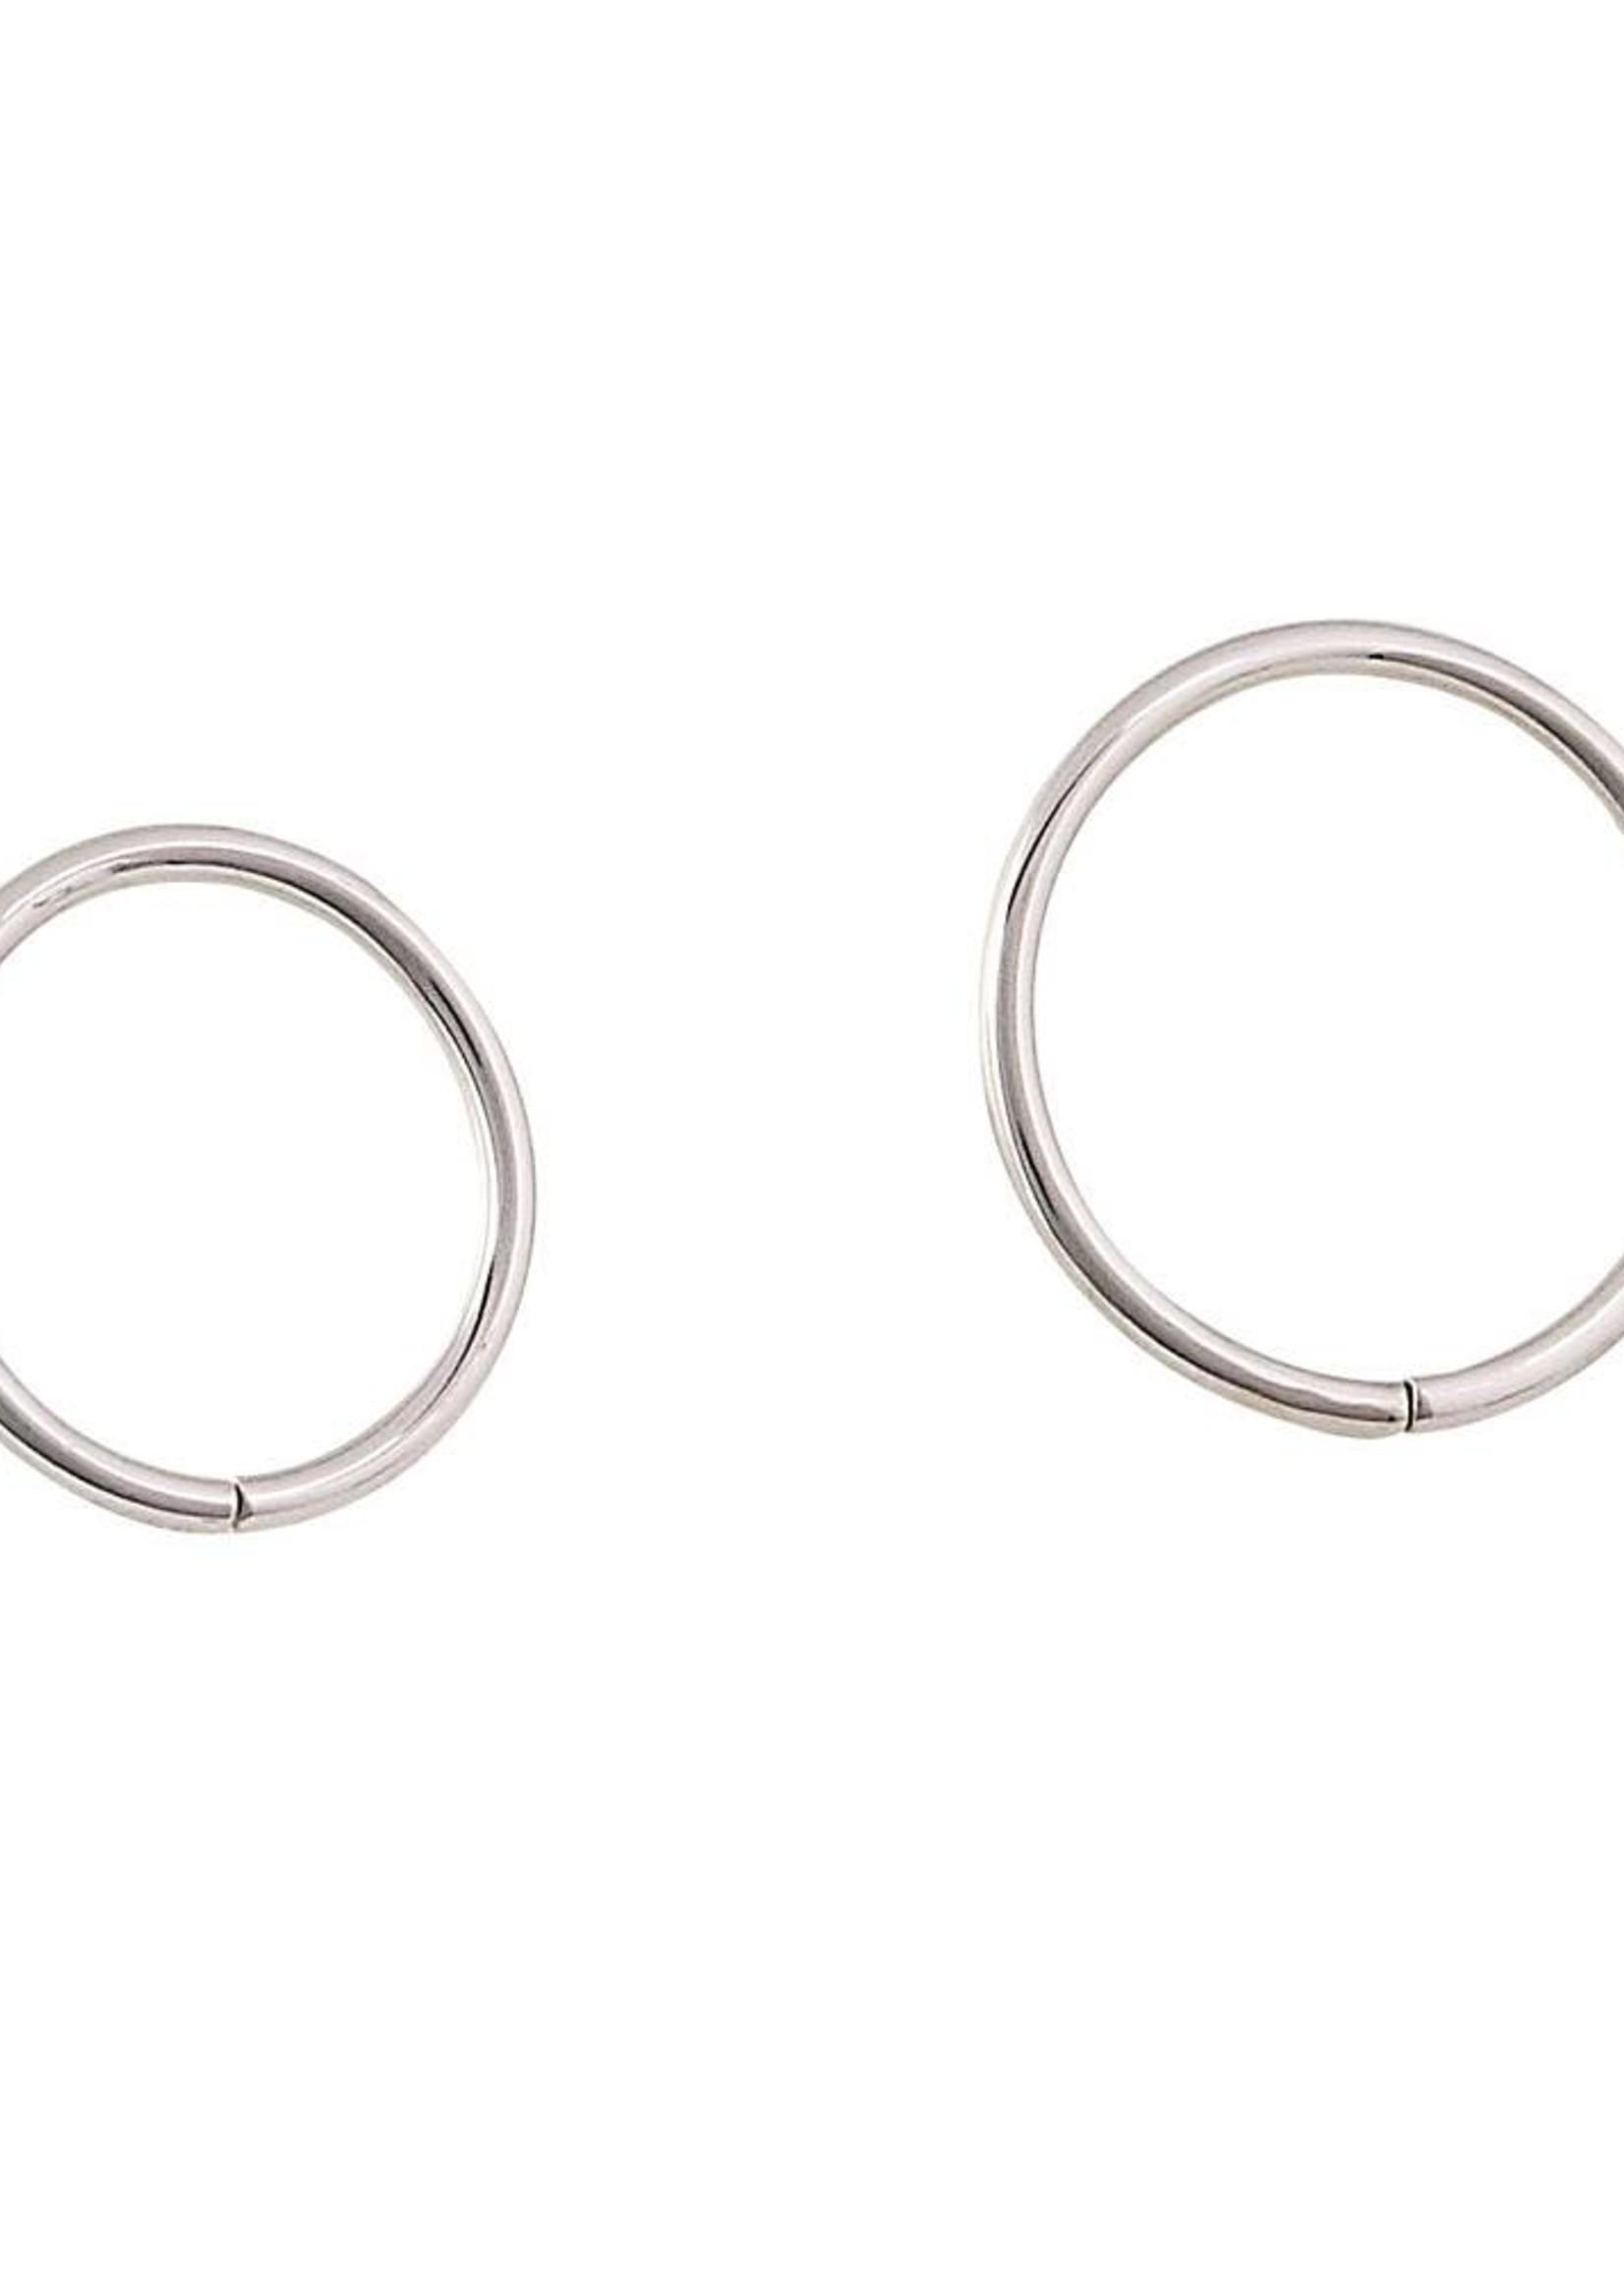 18g Ni Seam Rings